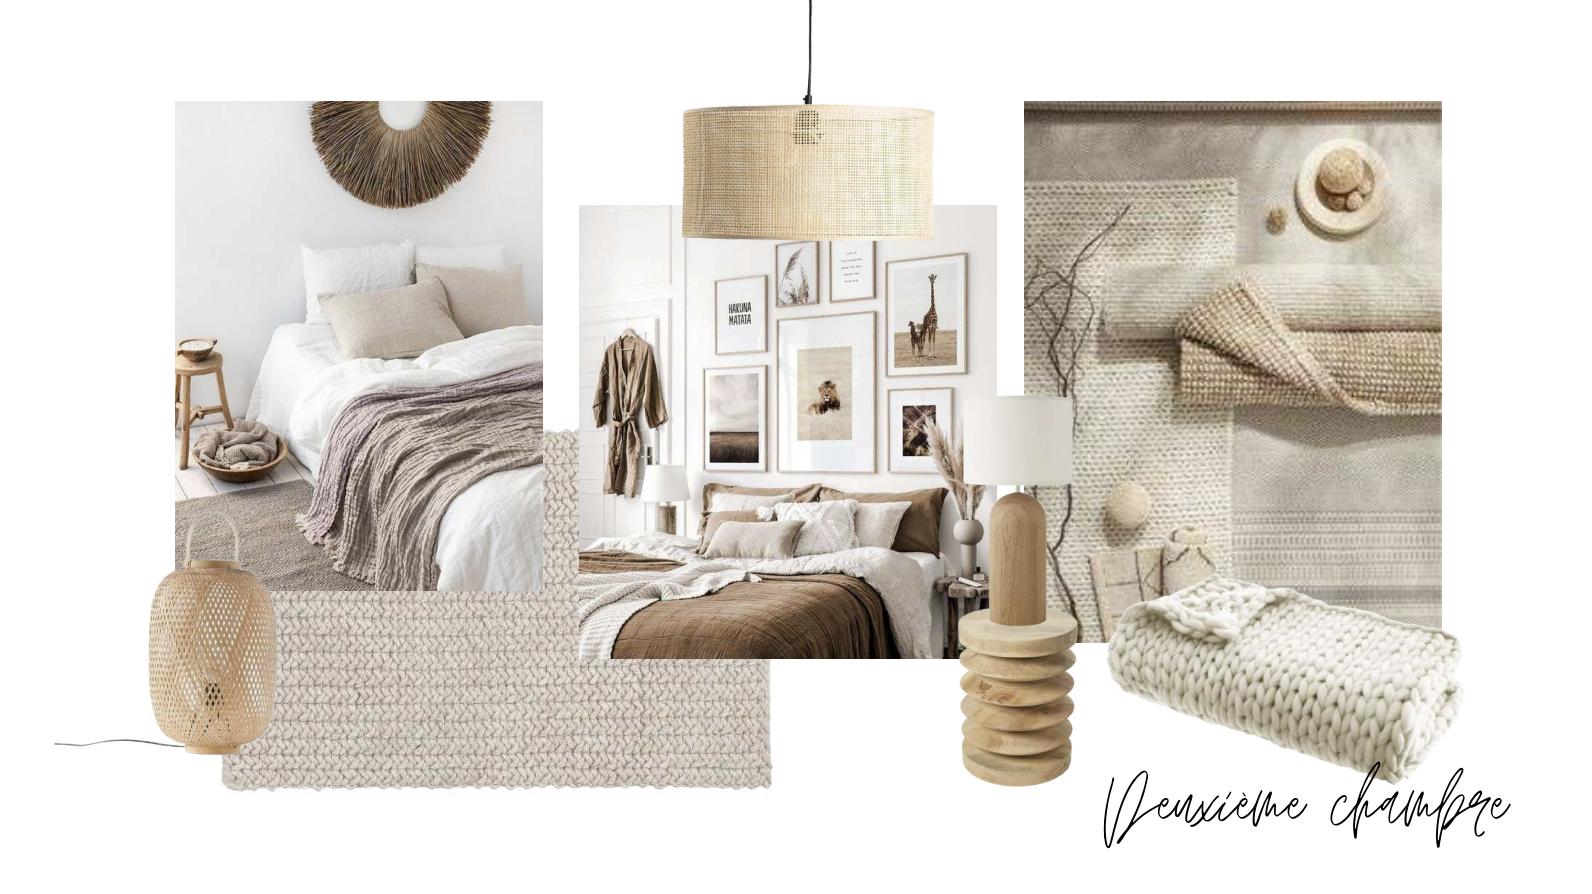 ambiance boheme planche tedance chambre accessoire decoration couleur matériaux naturels neutres